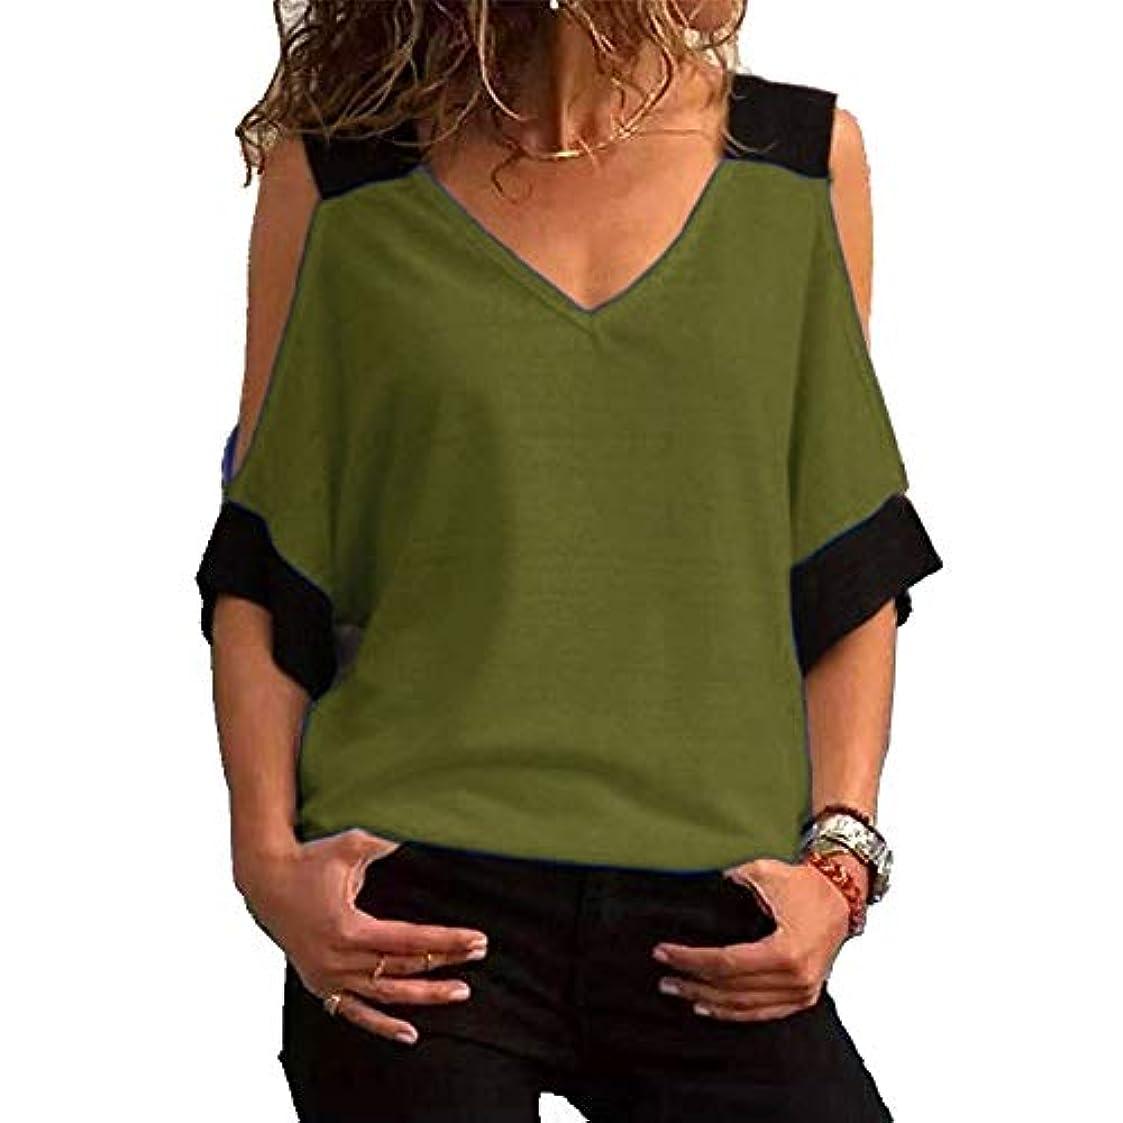 学部長爪怒りMIFAN女性ファッションカジュアルトップス女性ショルダーブラウスコットンTシャツディープVネック半袖